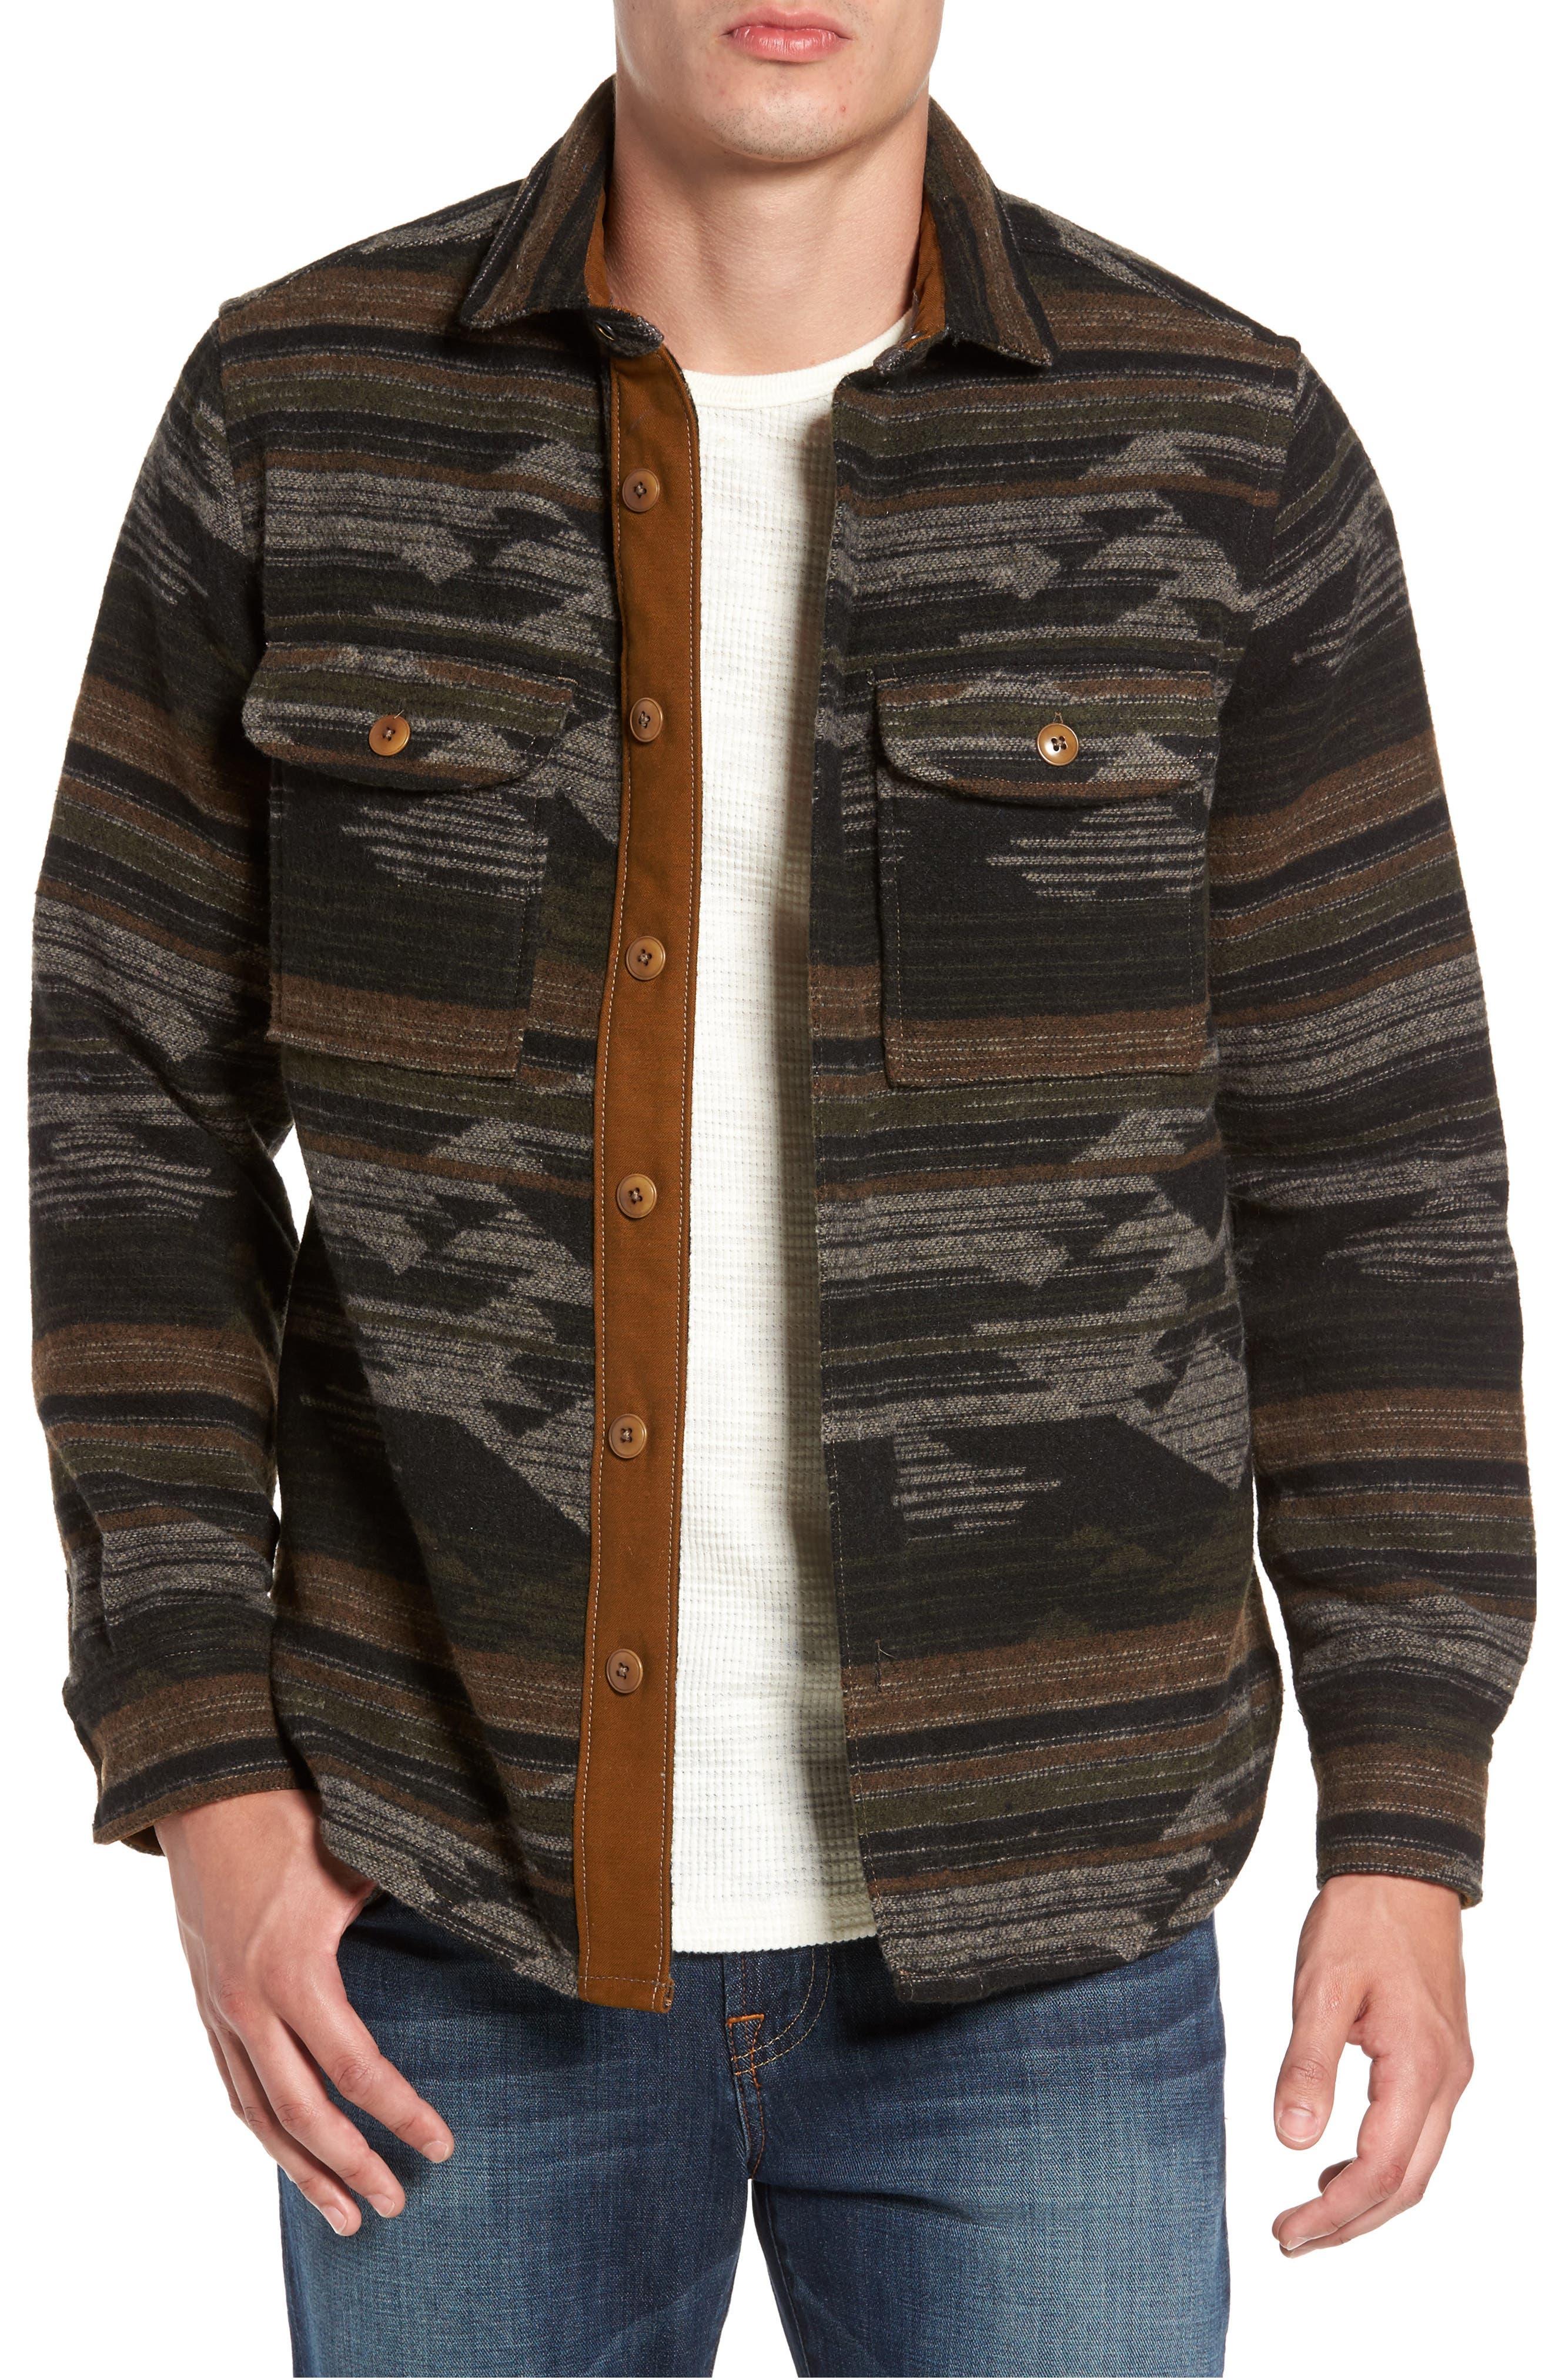 Trabuco Shirt Jacket,                             Main thumbnail 1, color,                             215